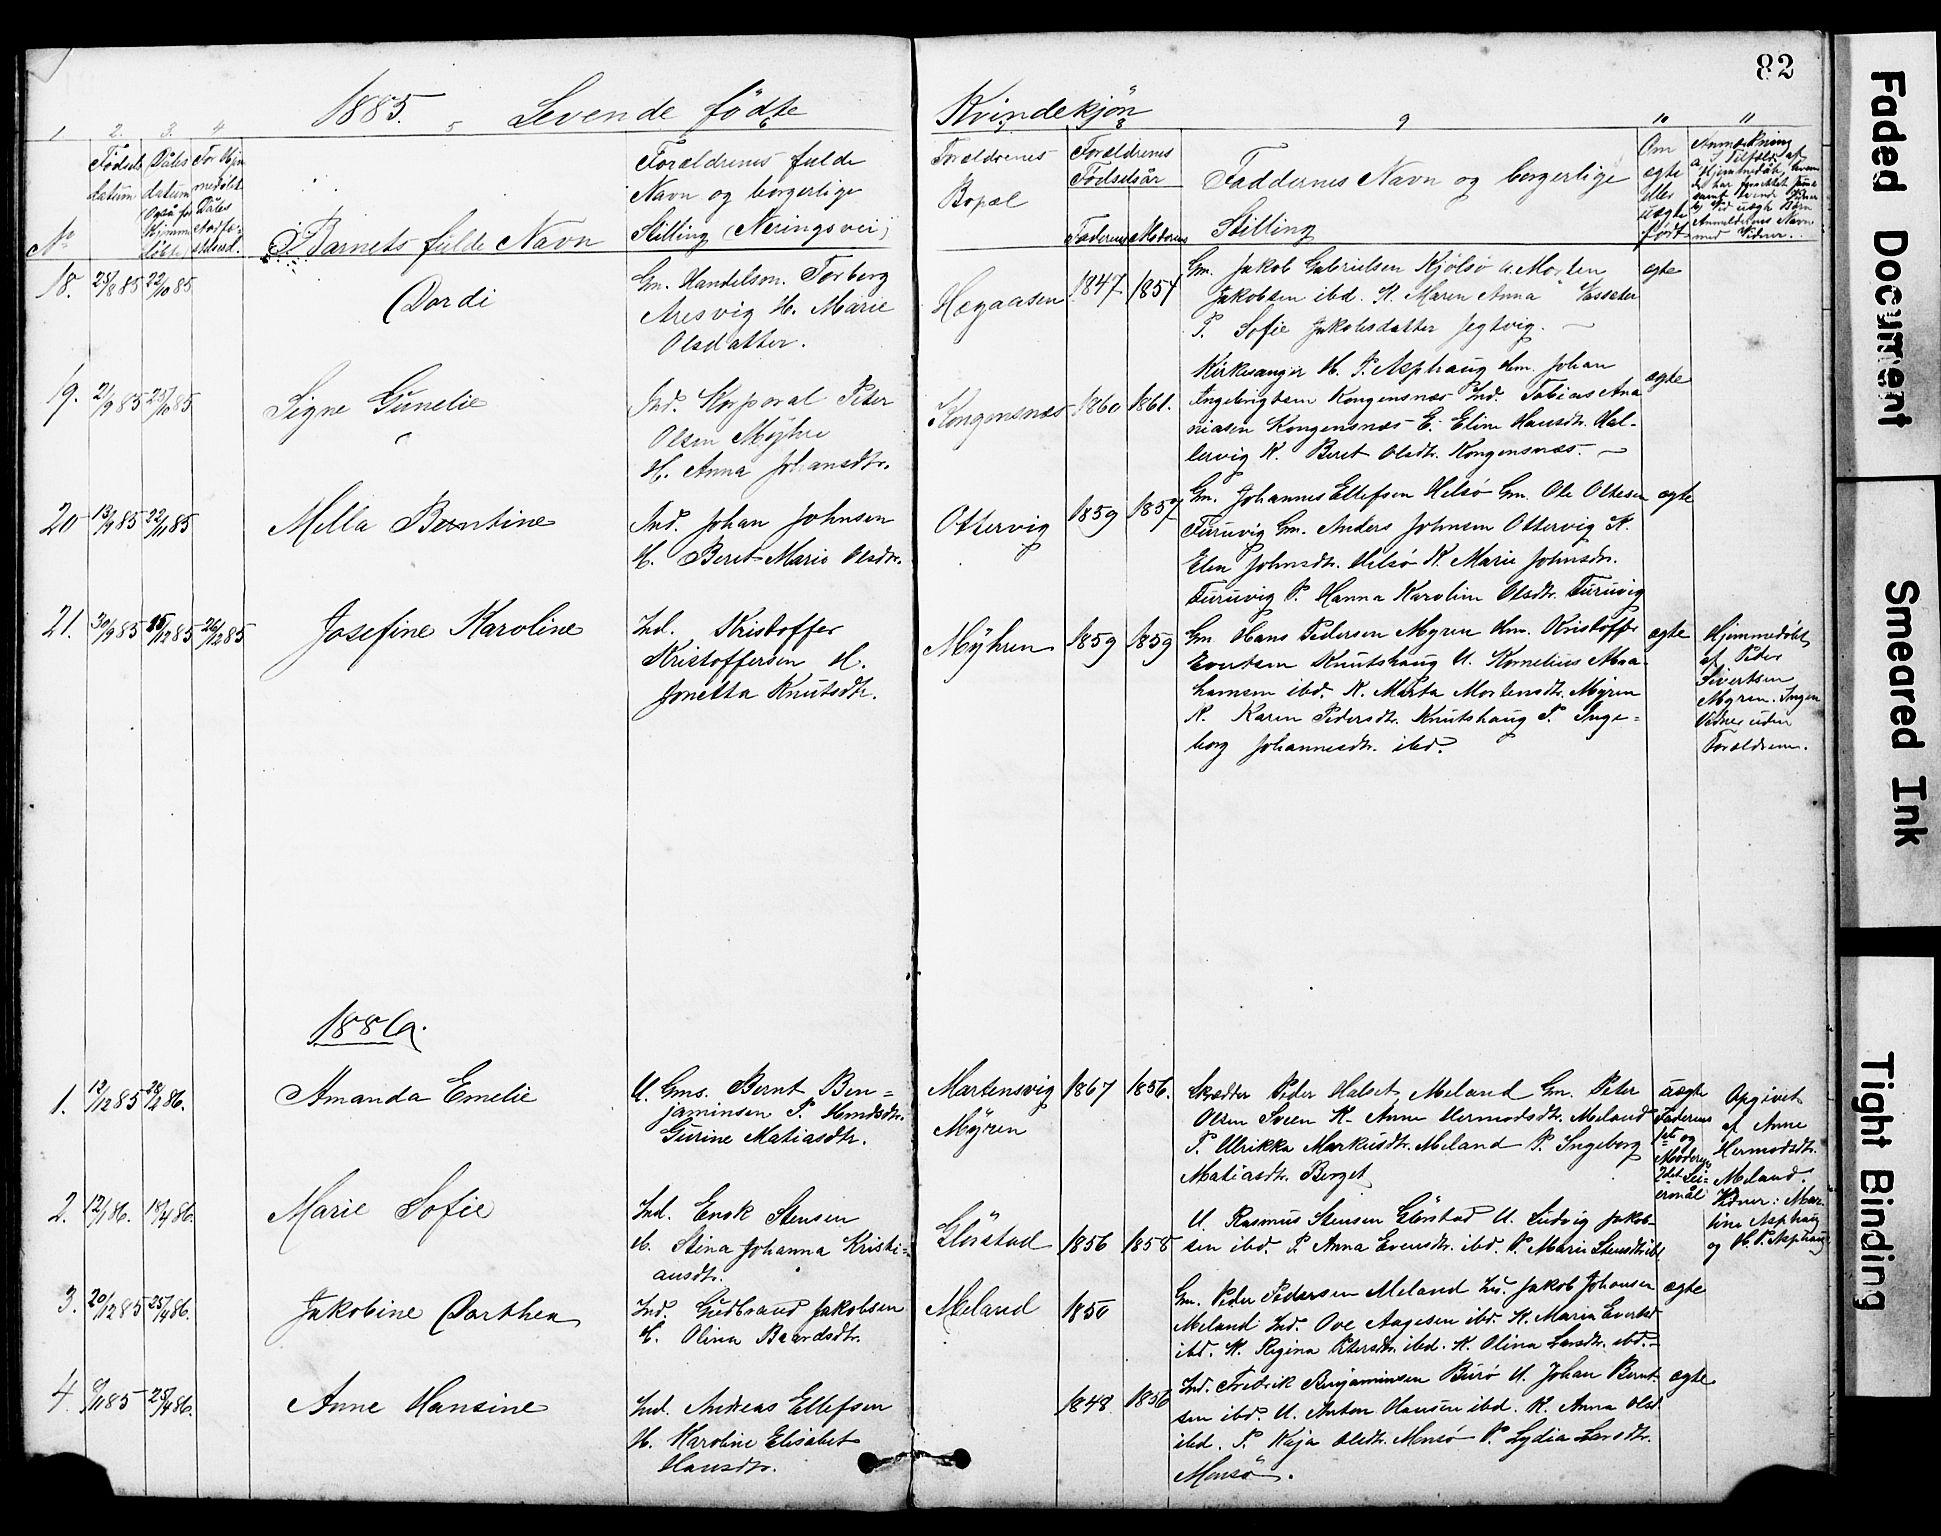 SAT, Ministerialprotokoller, klokkerbøker og fødselsregistre - Sør-Trøndelag, 634/L0541: Klokkerbok nr. 634C03, 1874-1891, s. 82